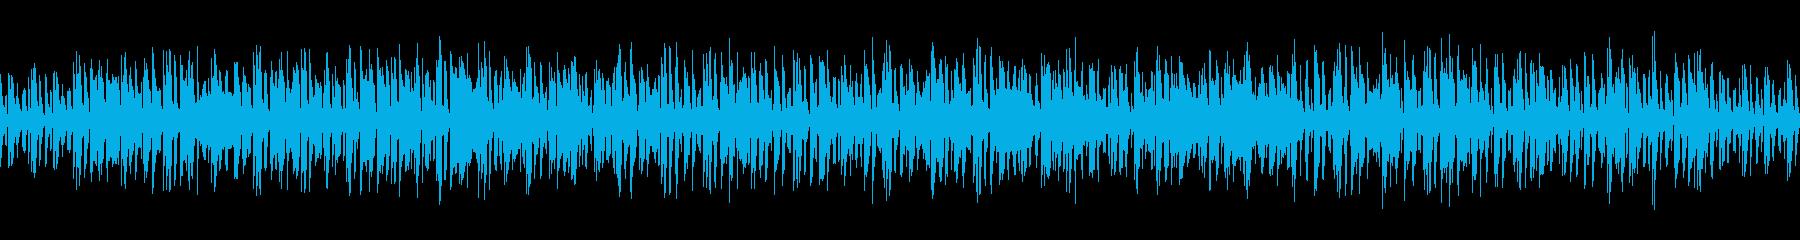 ベースとリズムのみのジャングル感ある曲の再生済みの波形